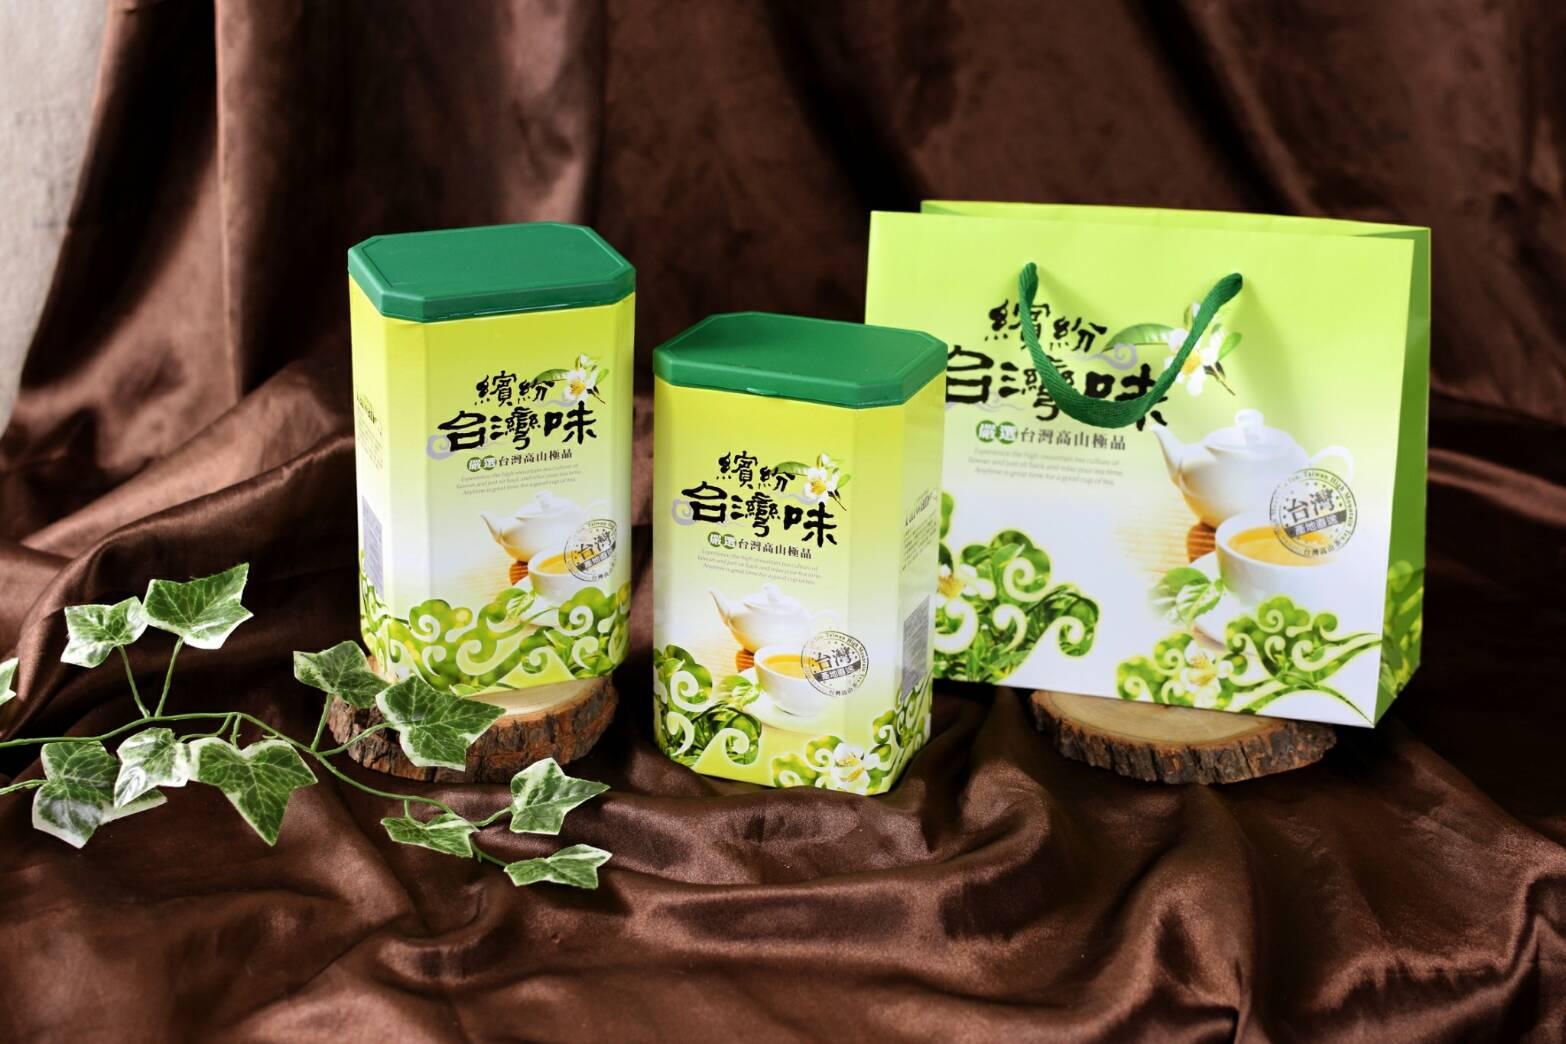 【香煎小陸】繽紛台灣味提盒